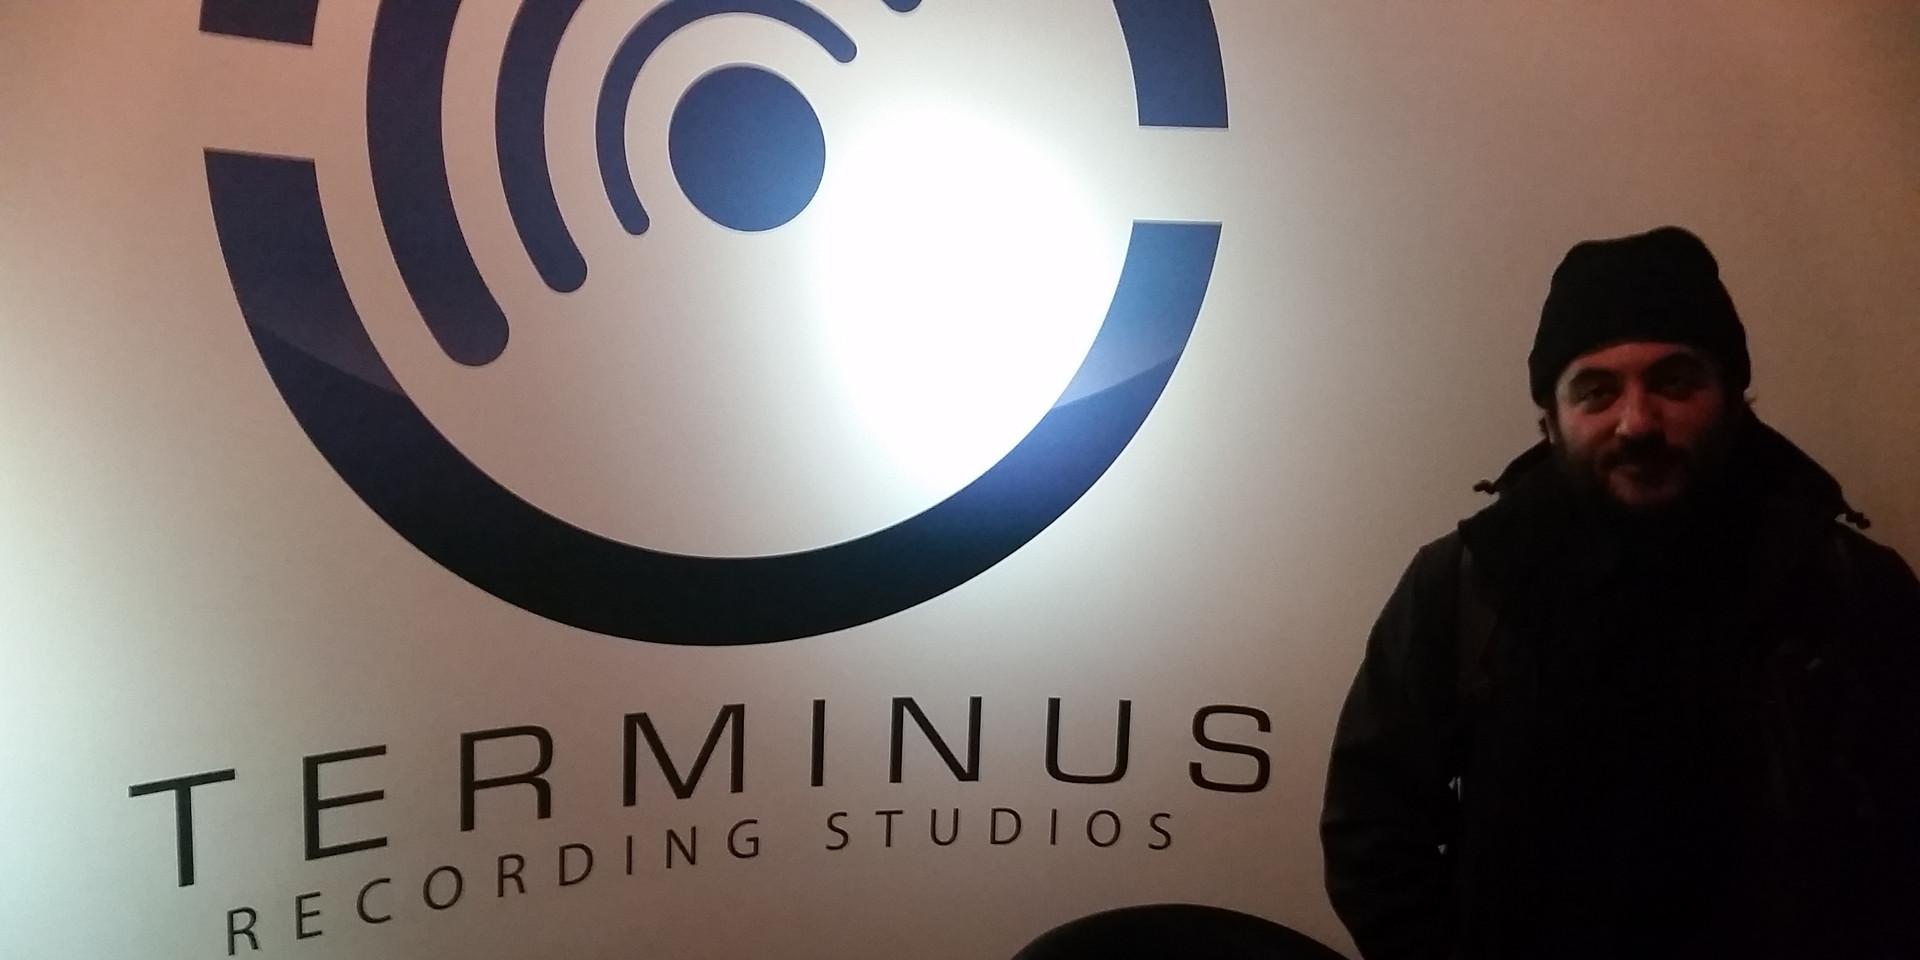 Estudios Terminus (Times Square, NY)